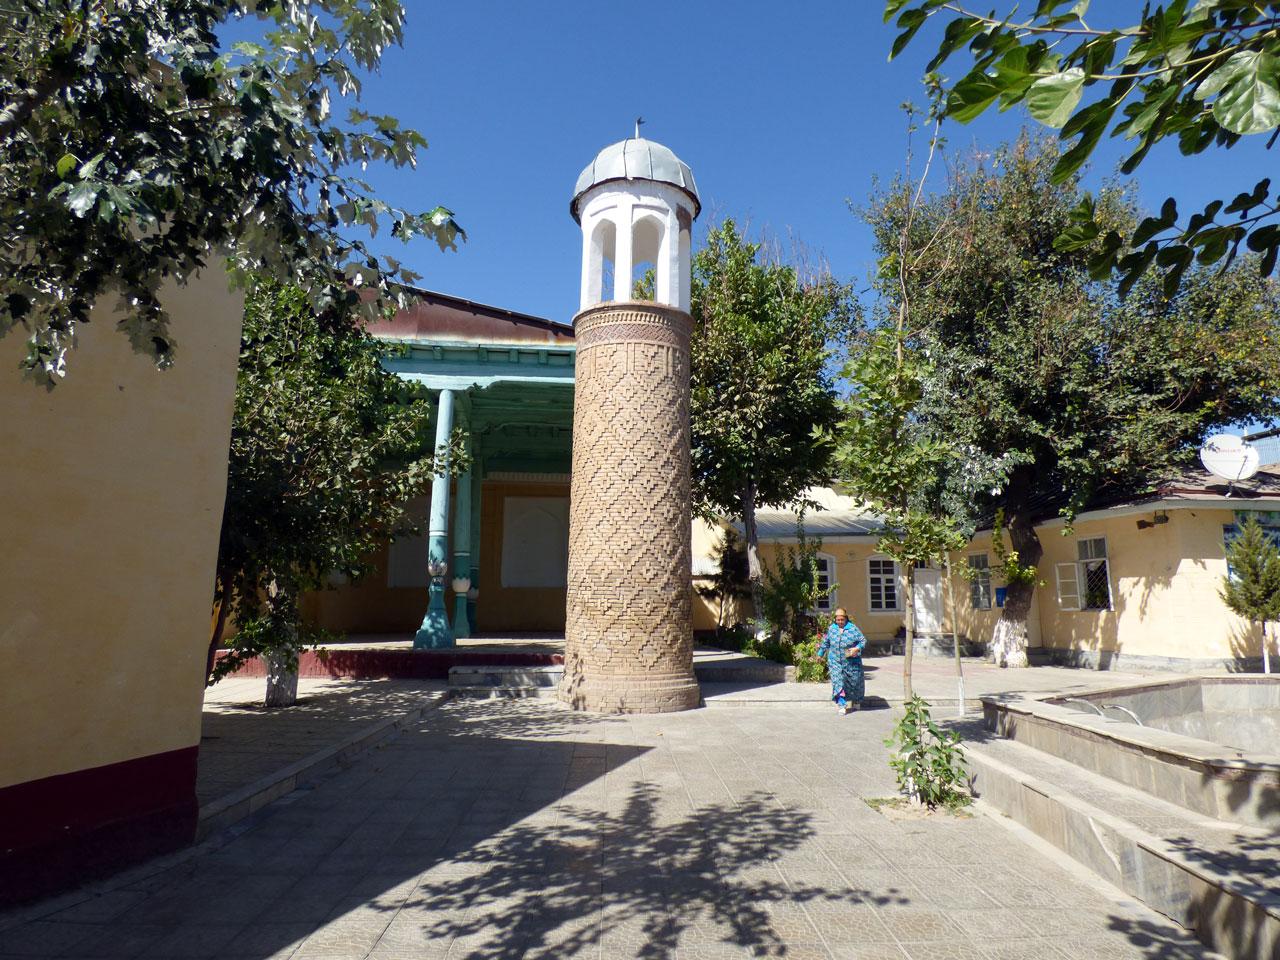 Risultati immagini per jewish quarter samarkand